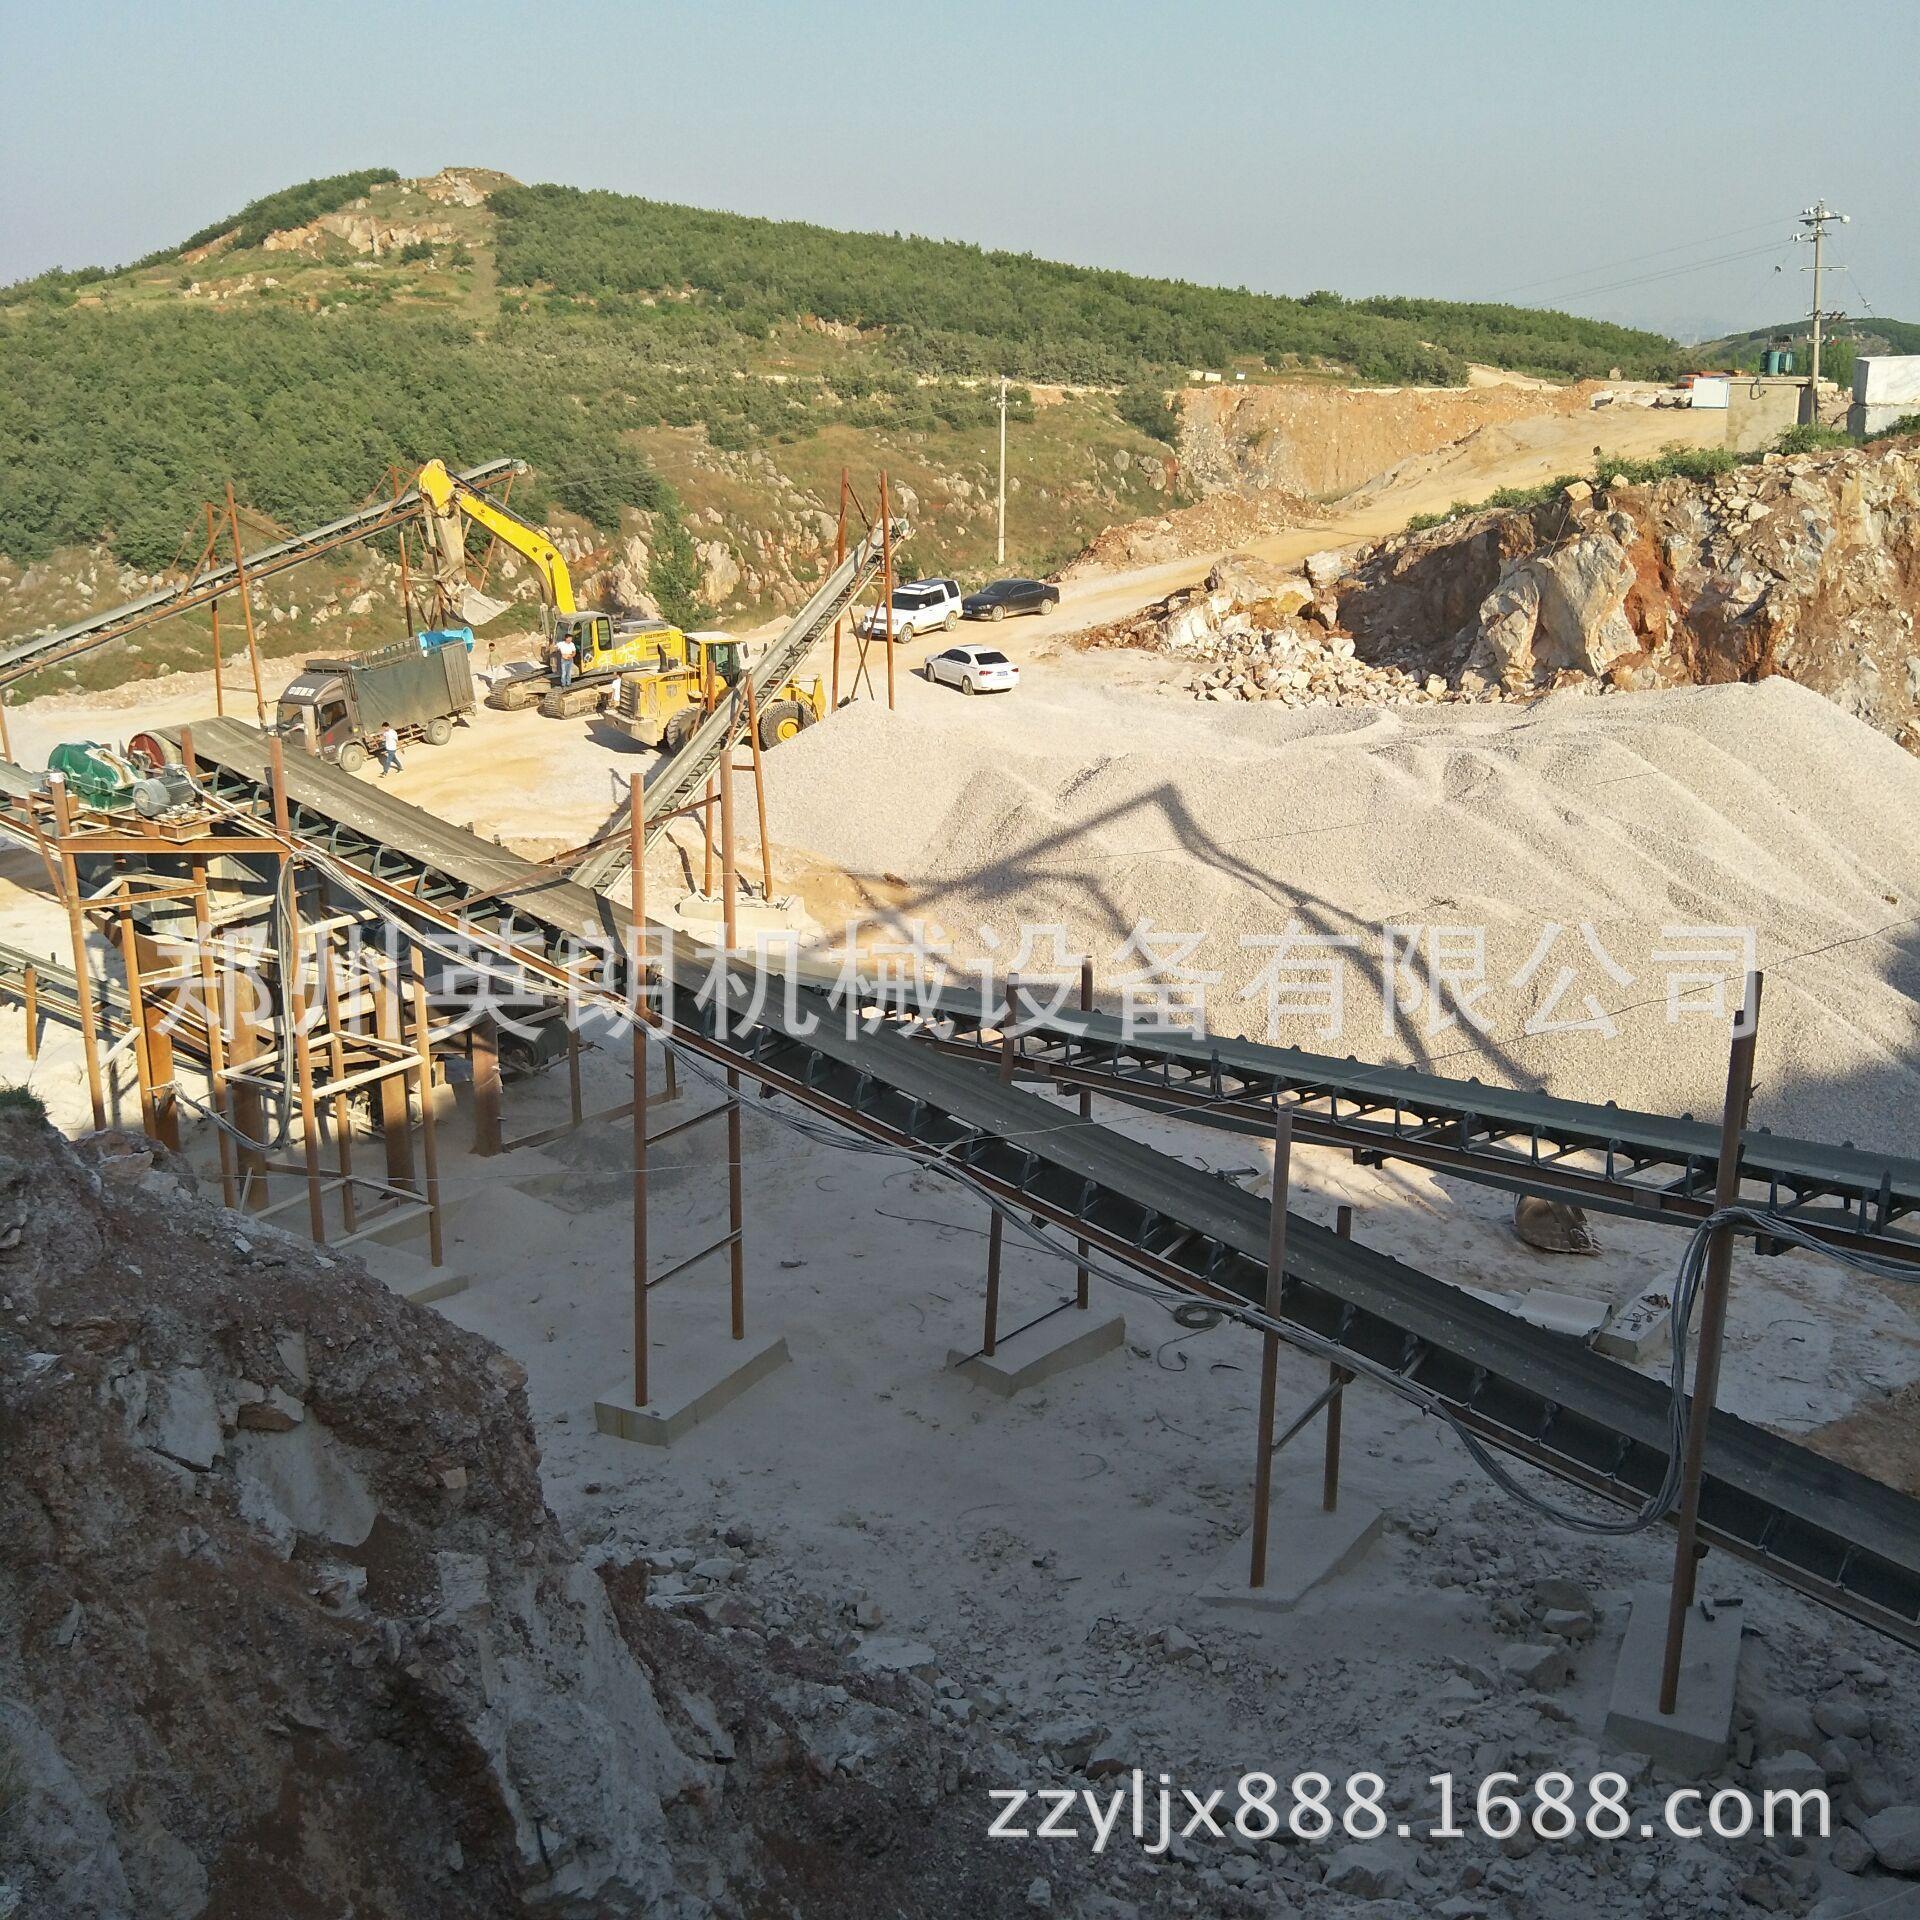 供应矿山石料开采破碎生产线 建筑青石子破碎线 鹅卵石制沙生产线示例图11